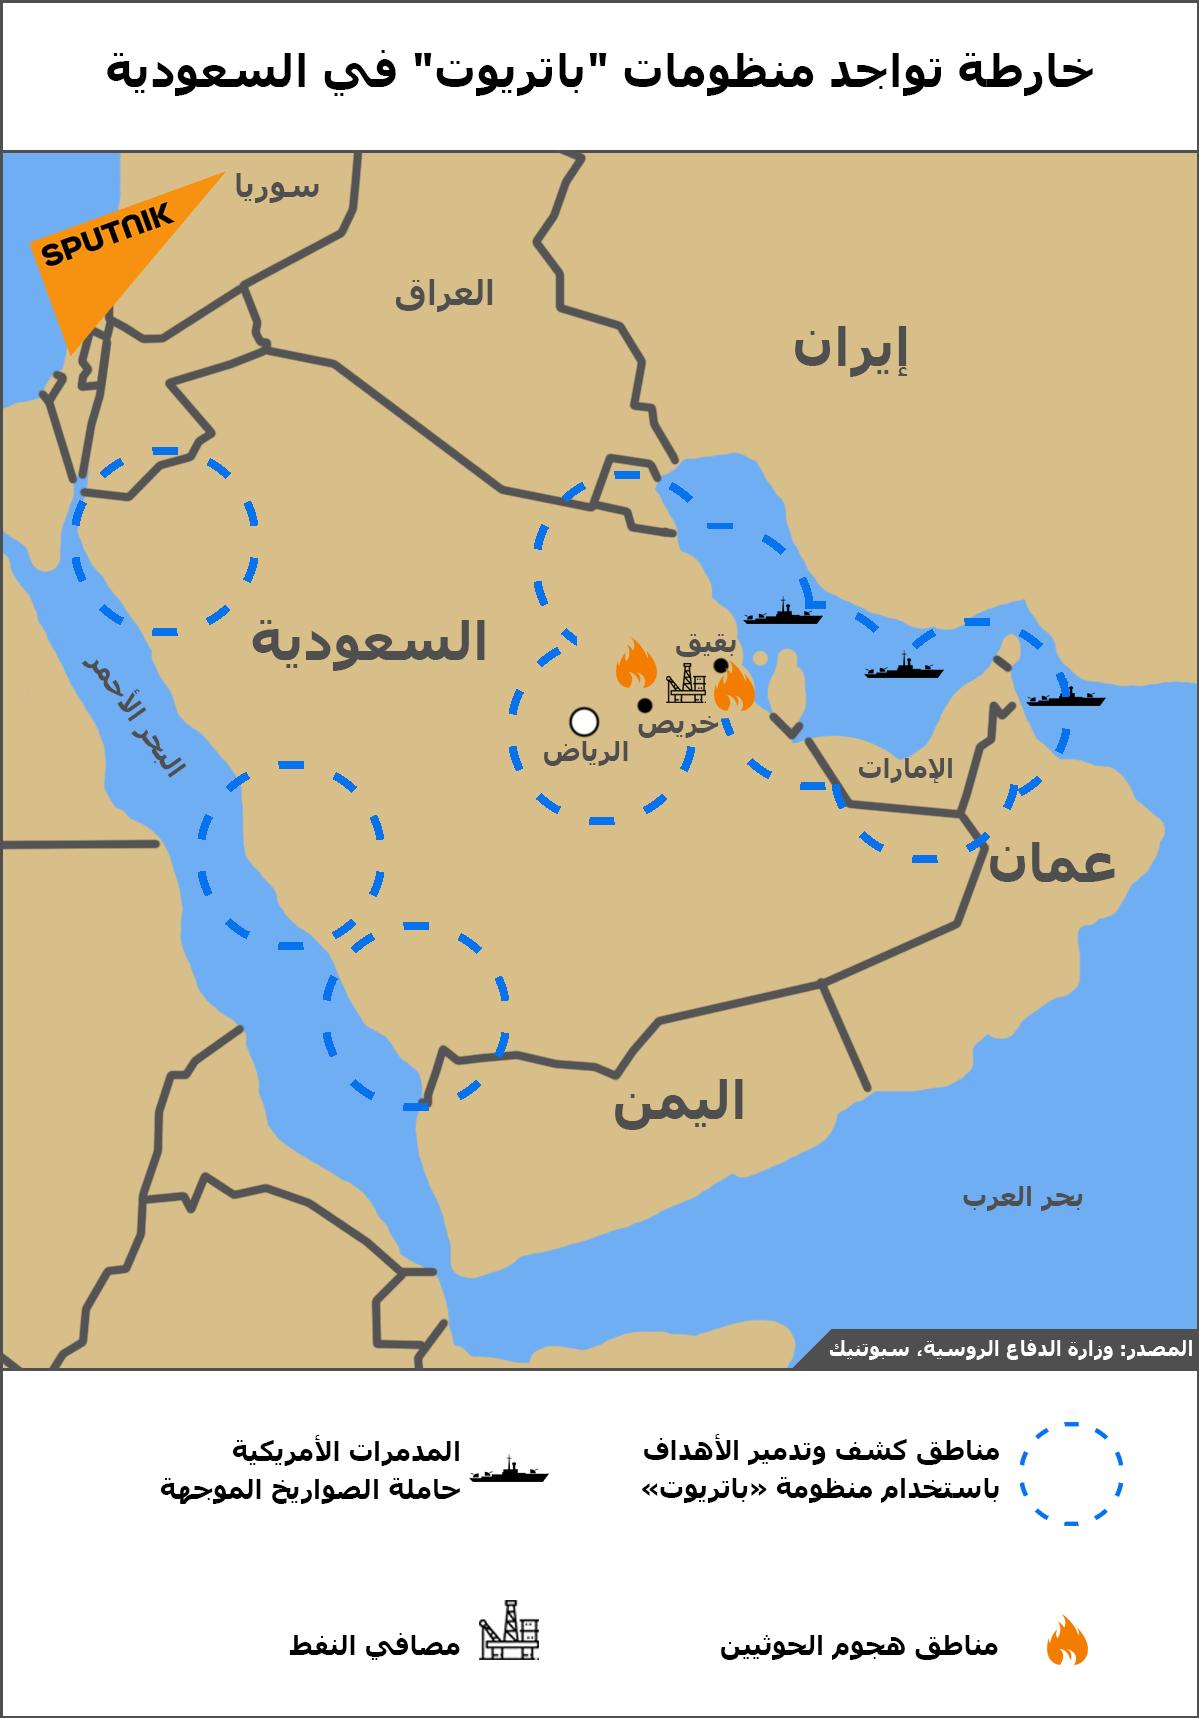 خارطة نشر منظومات باتريوت في السعودية